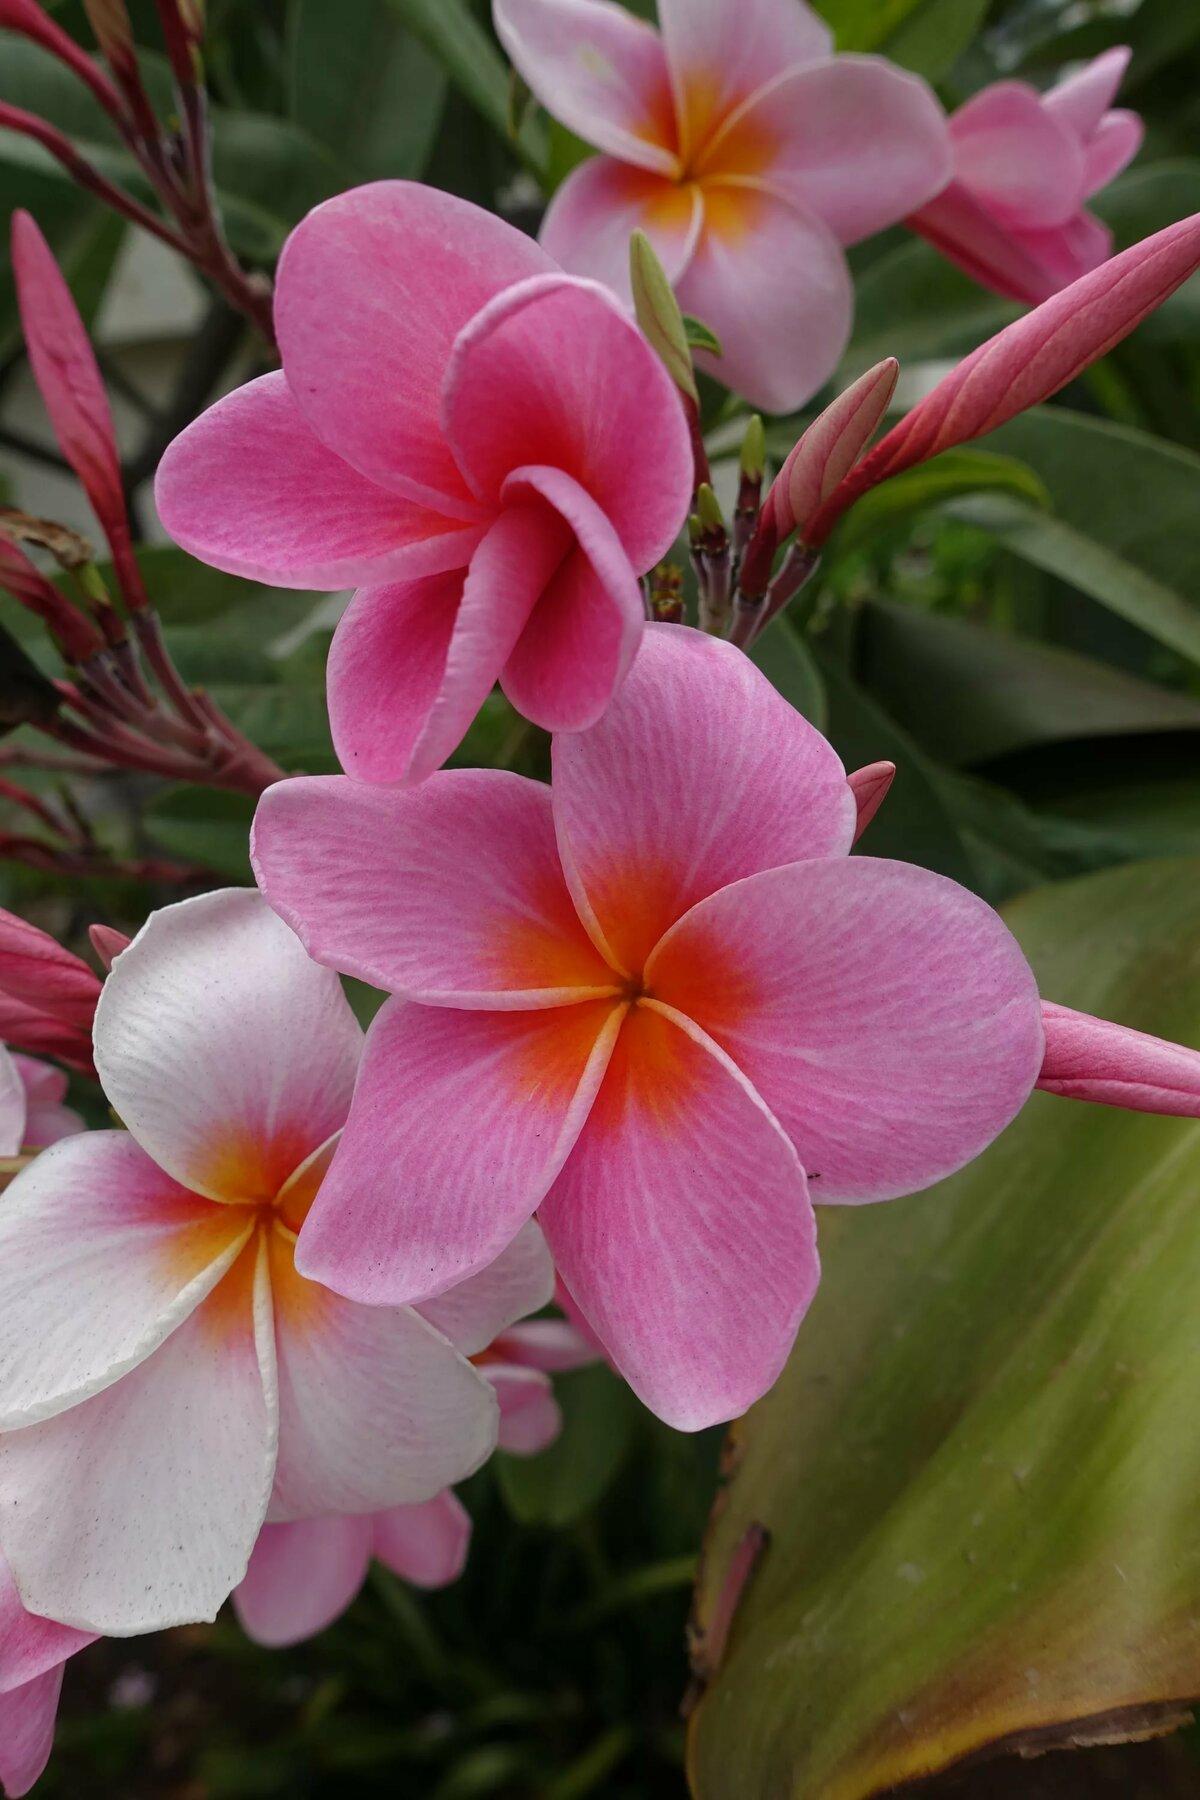 амортизатор большей смотреть фото цветы картинками уже виделись утром